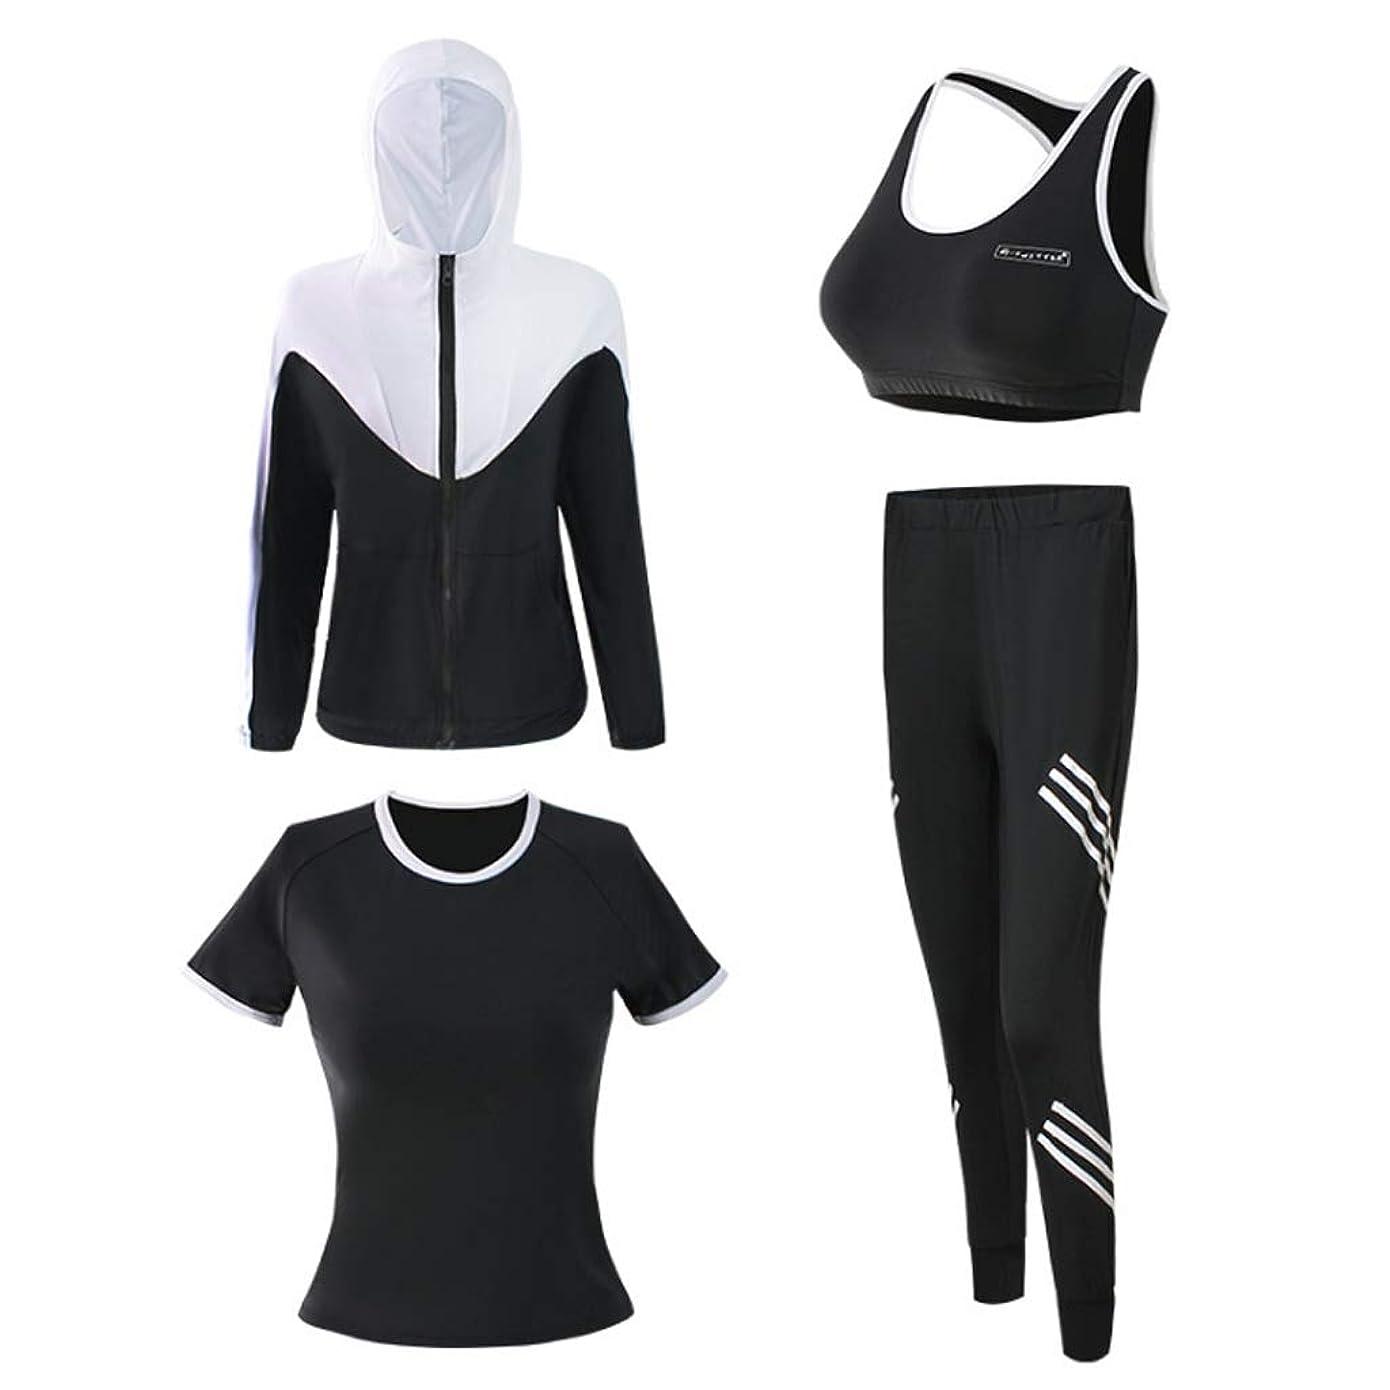 東方前投薬最小化する女性のスポーツウェアジッパーパーカーとスーツパンツヨガの服長袖スポーツジャケットフィットネス服屋外ランニング洋服洋服ヨガ洋服 (Color : 1, Size : M)